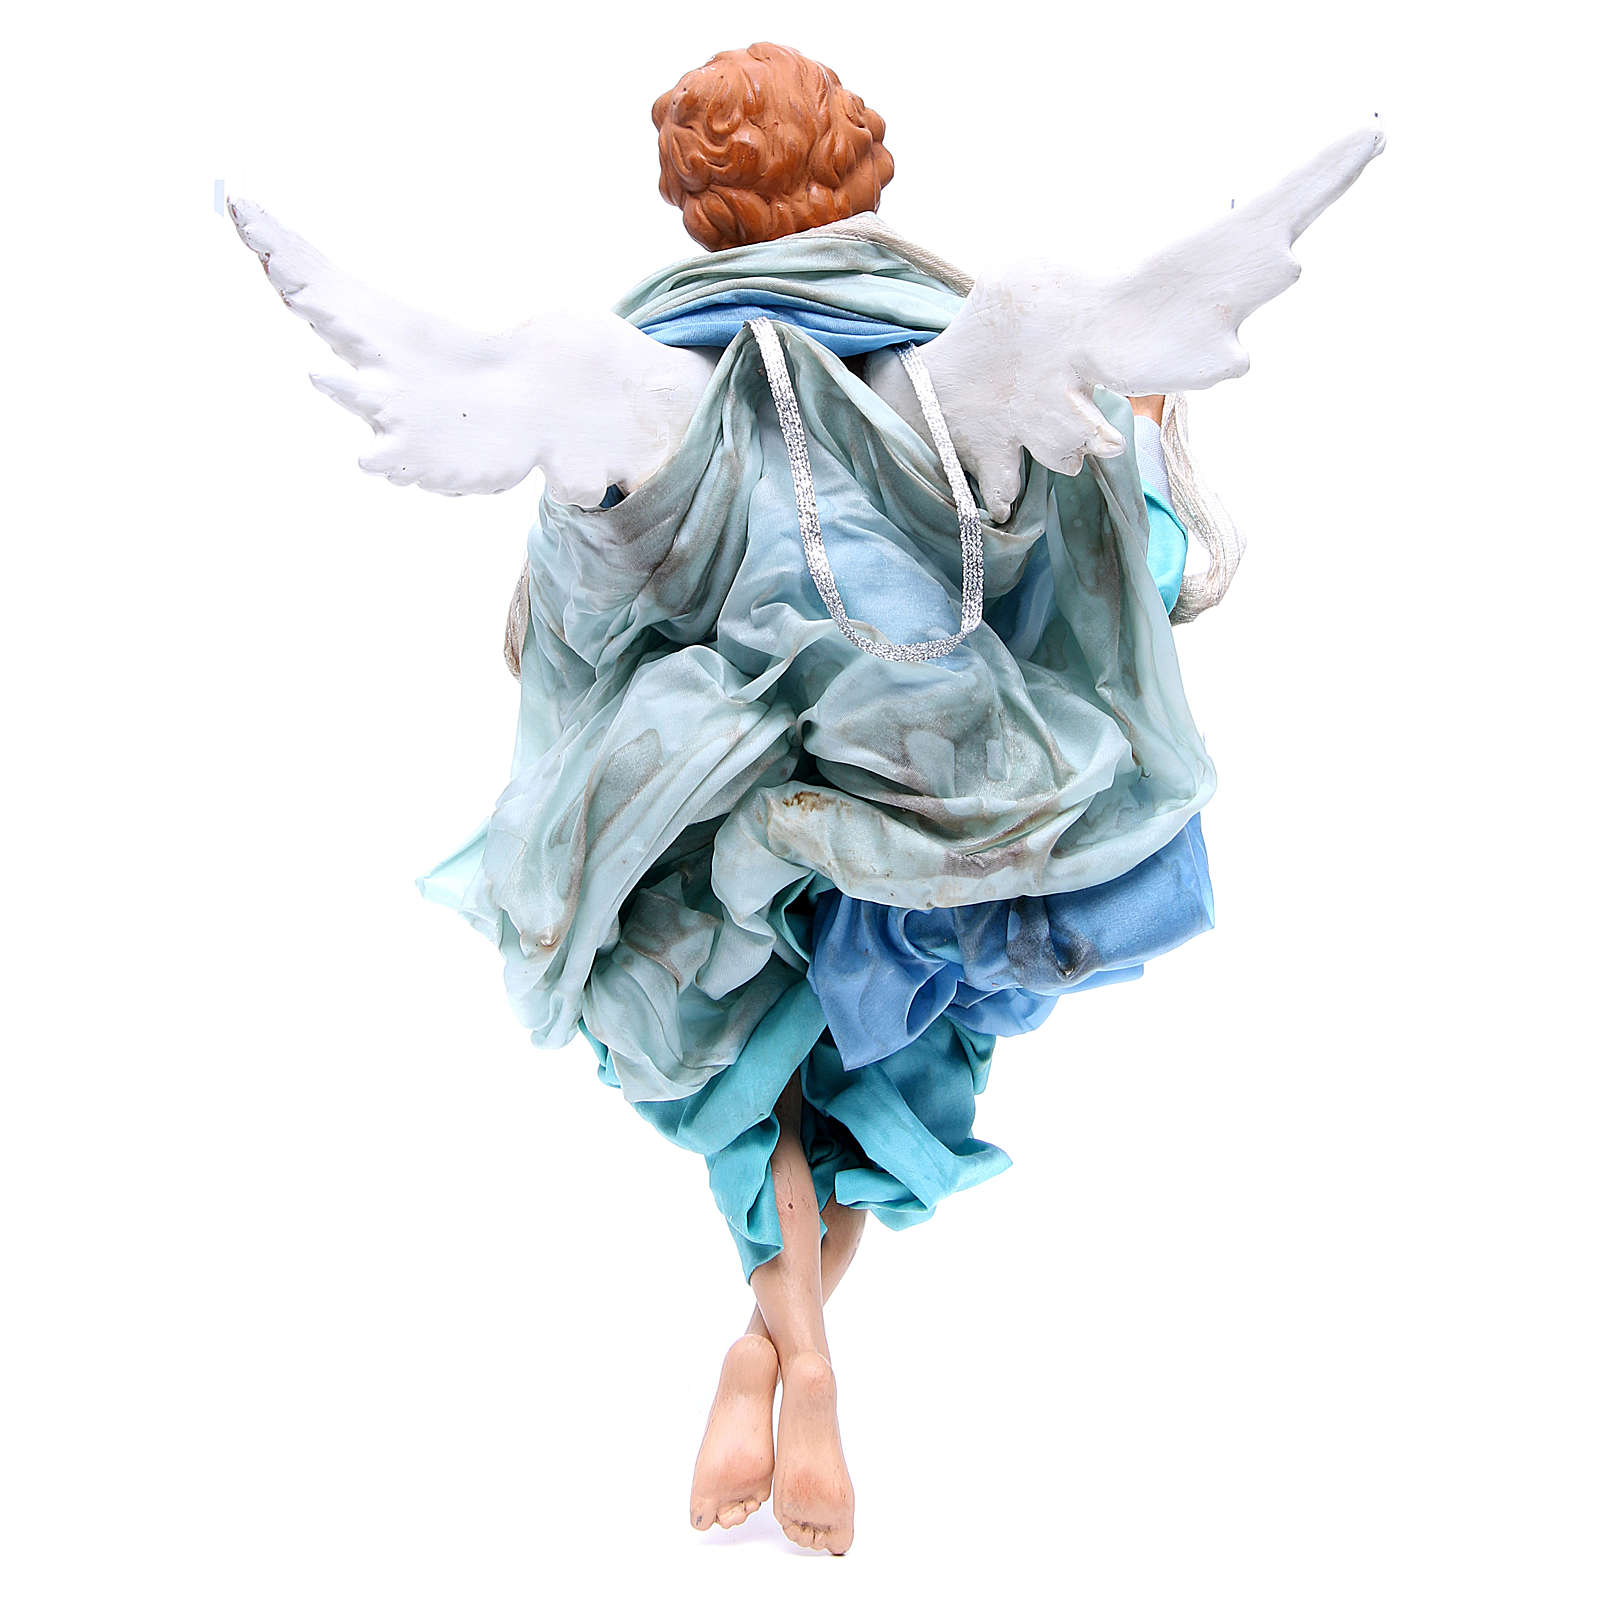 Angelo biondo 45 cm veste azzurra presepe Napoli 4